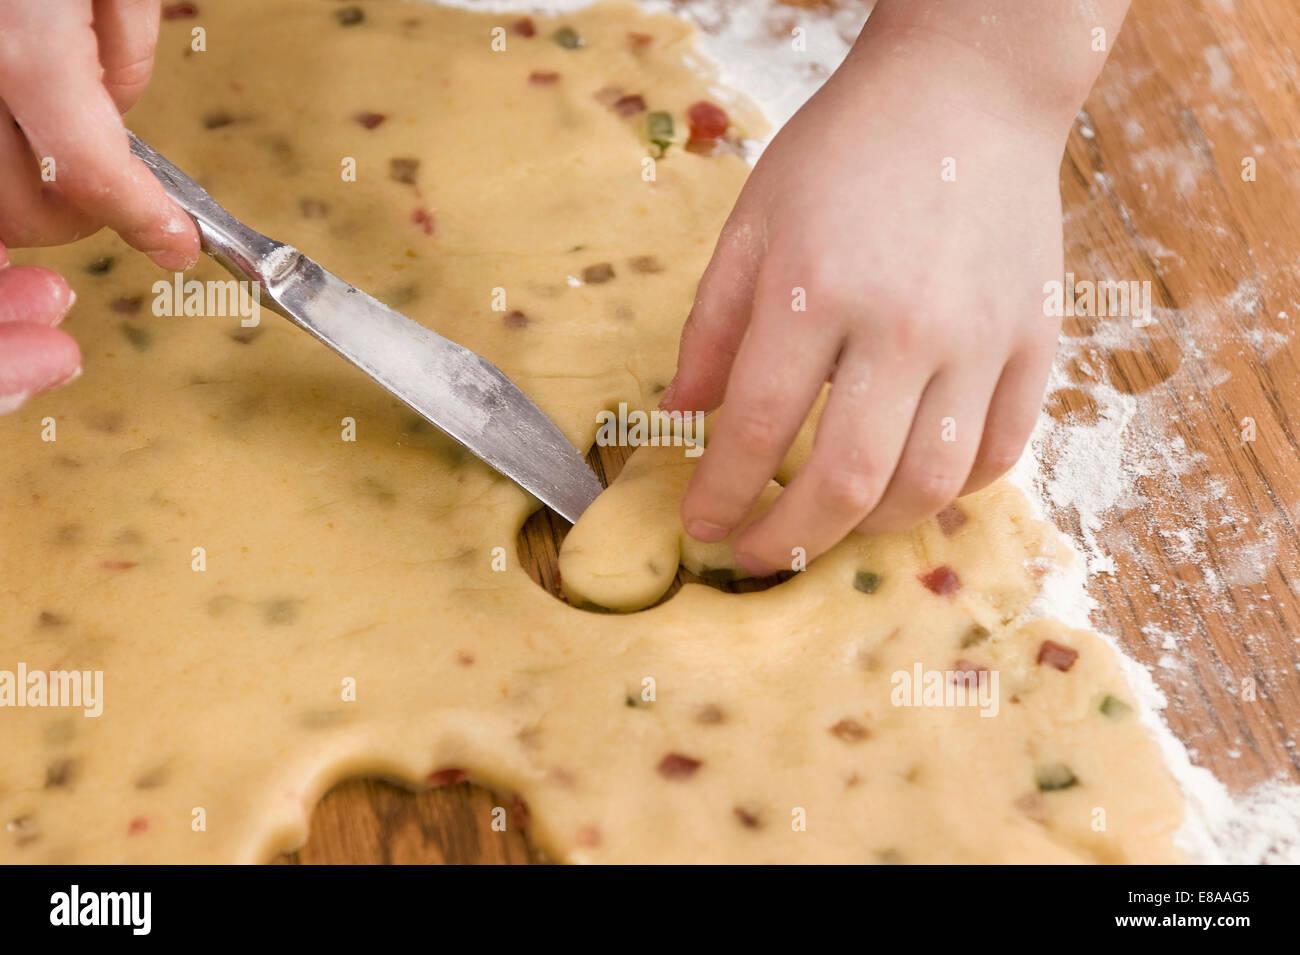 La mano del hombre de corte con cuchilla de masa para galletas, cerrar Imagen De Stock